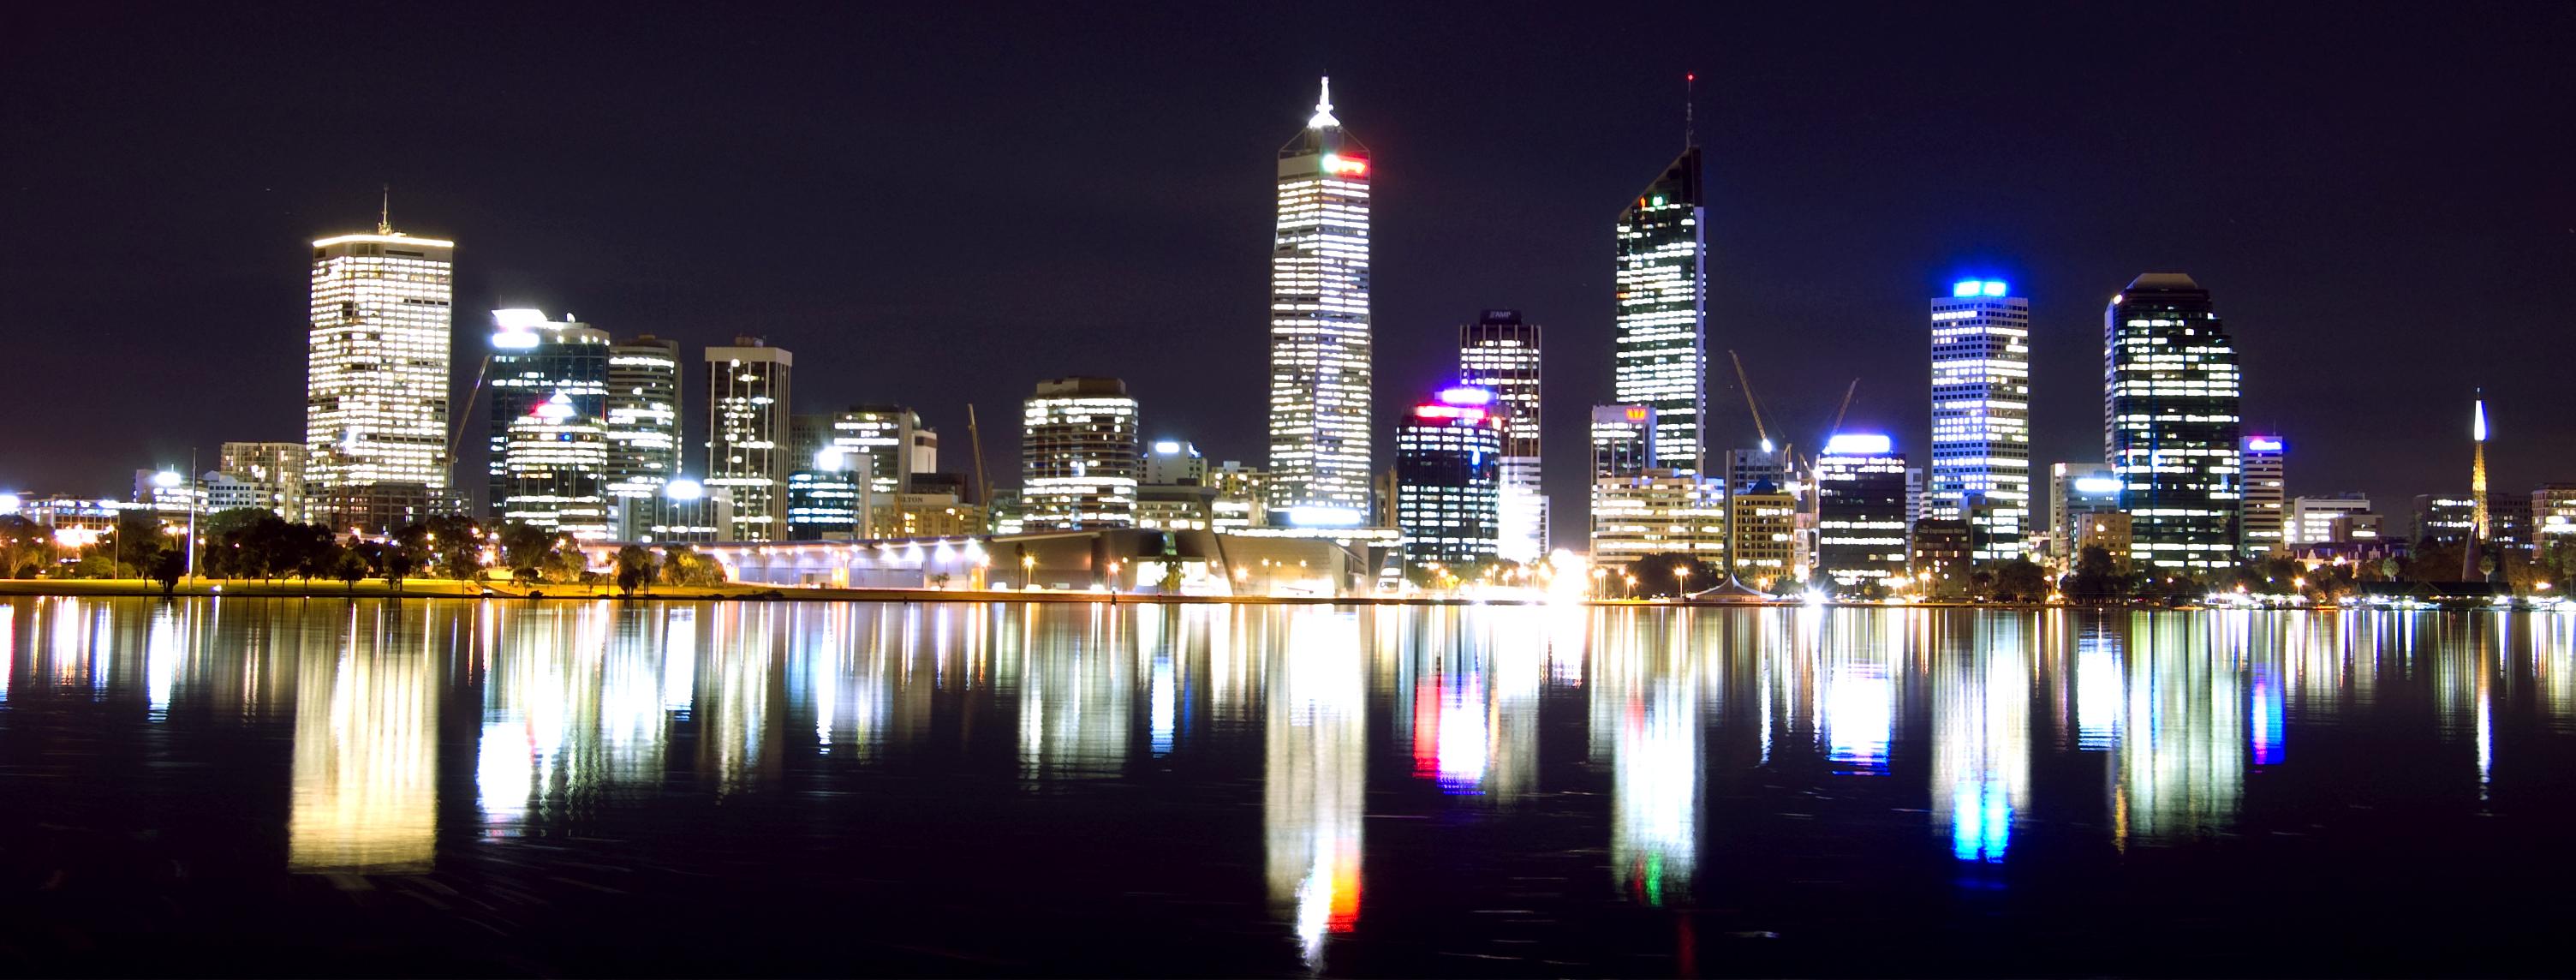 Perth_city_scape